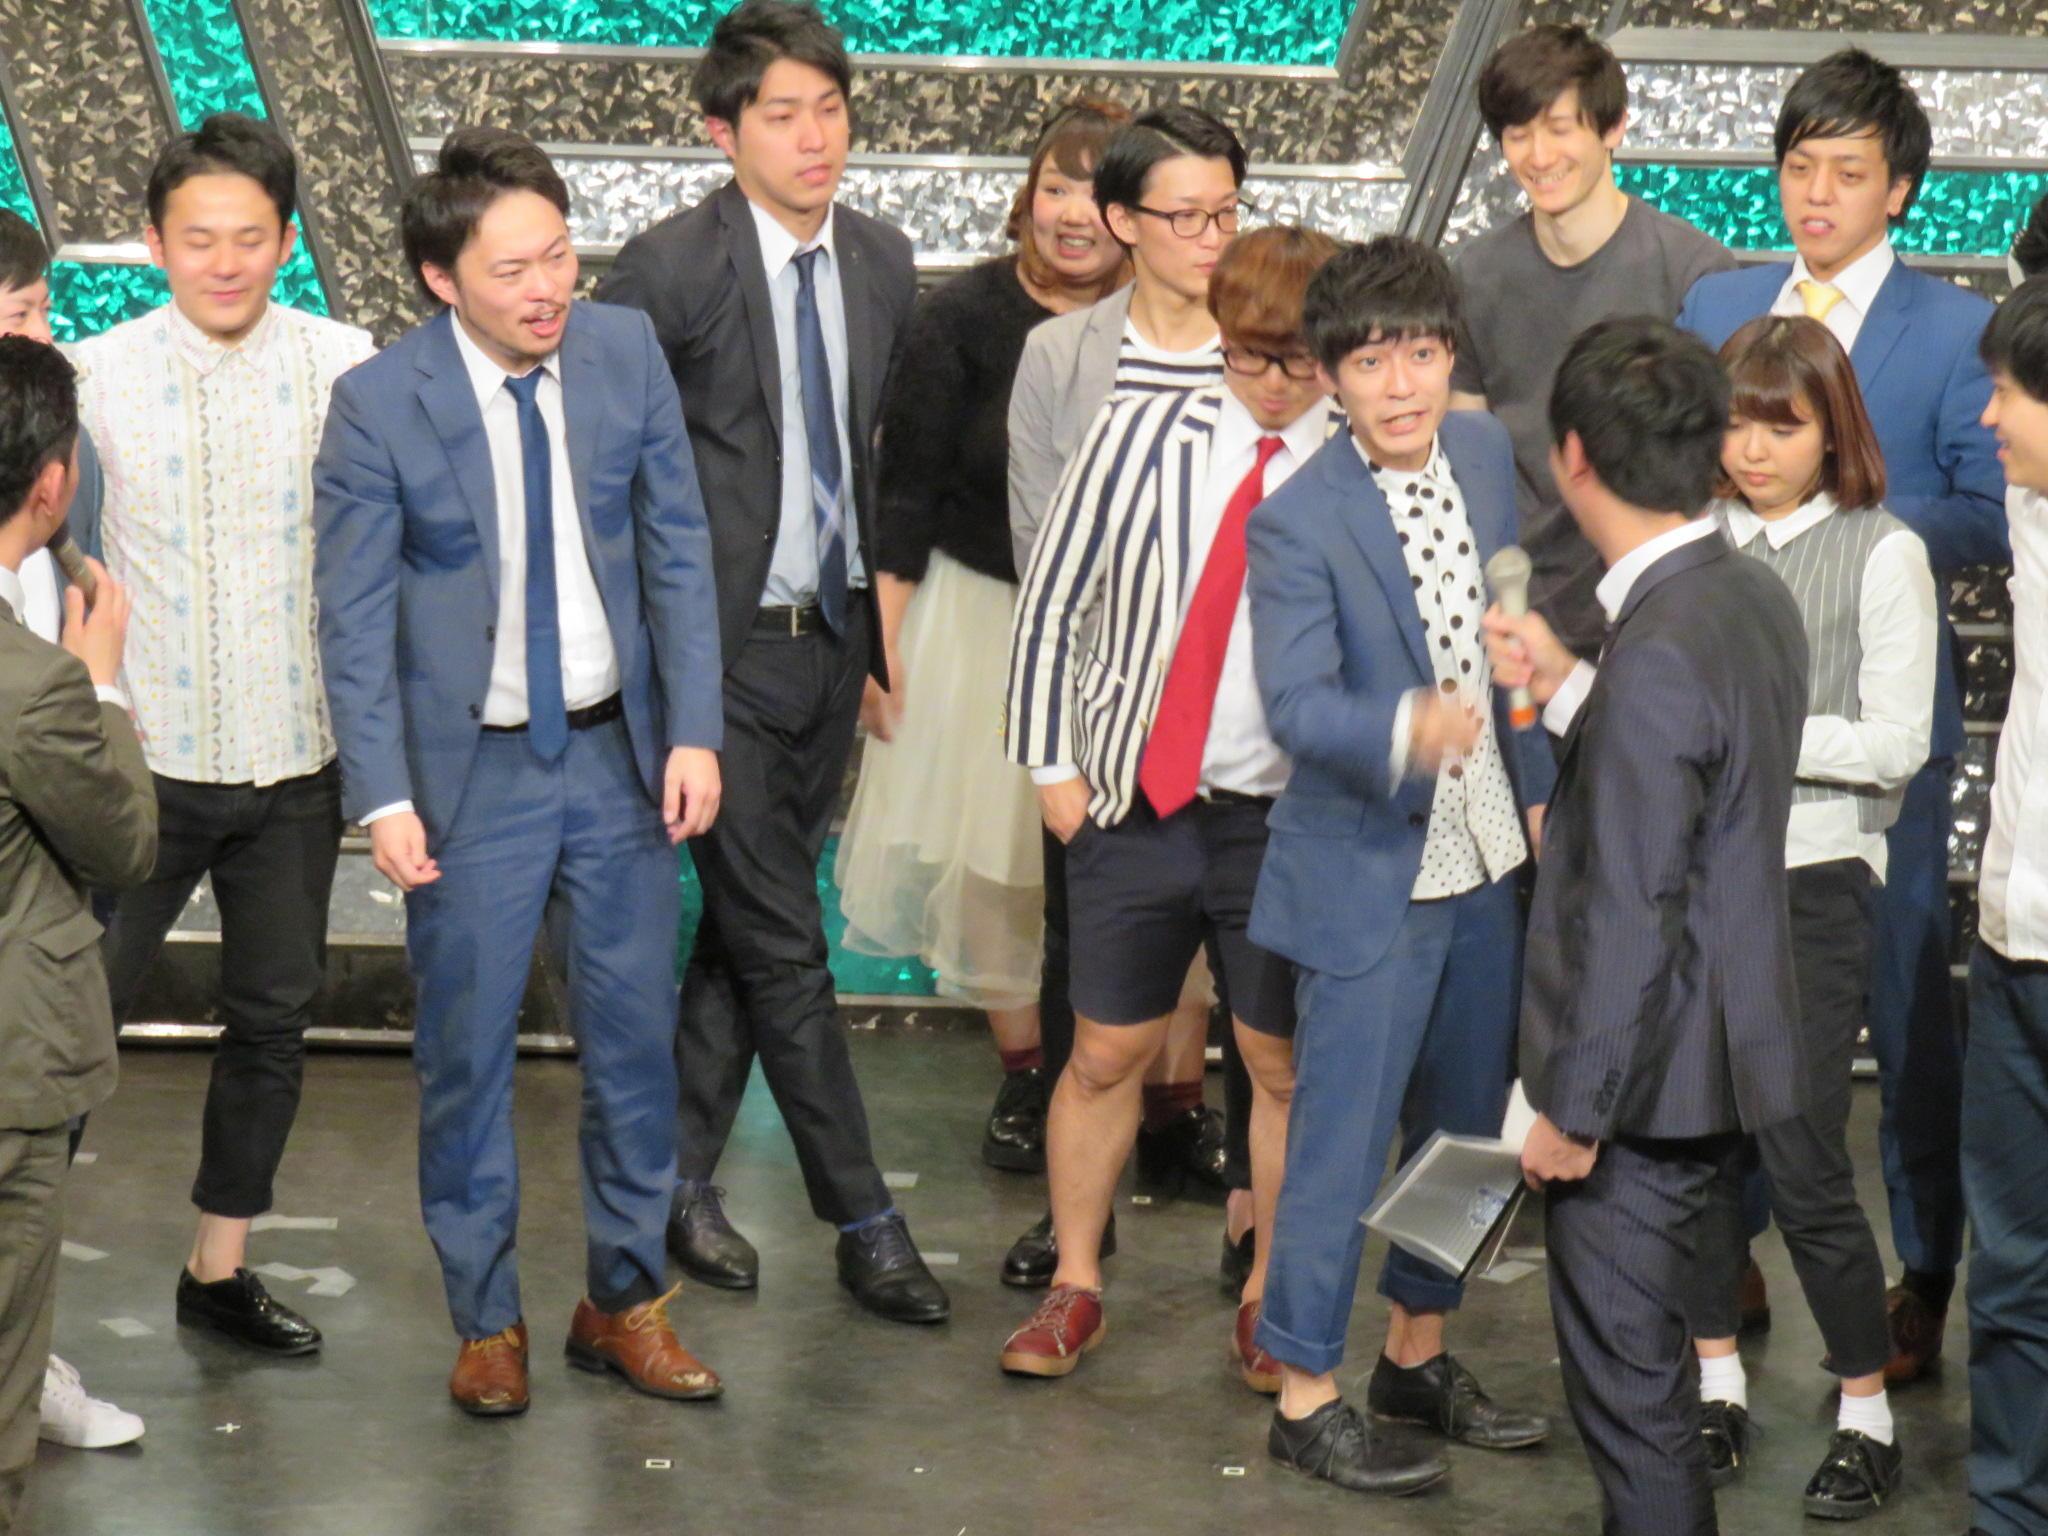 http://news.yoshimoto.co.jp/20151130225434-dfc00b773c8e3b76aceb7741382c557d1c3f3d65.jpg